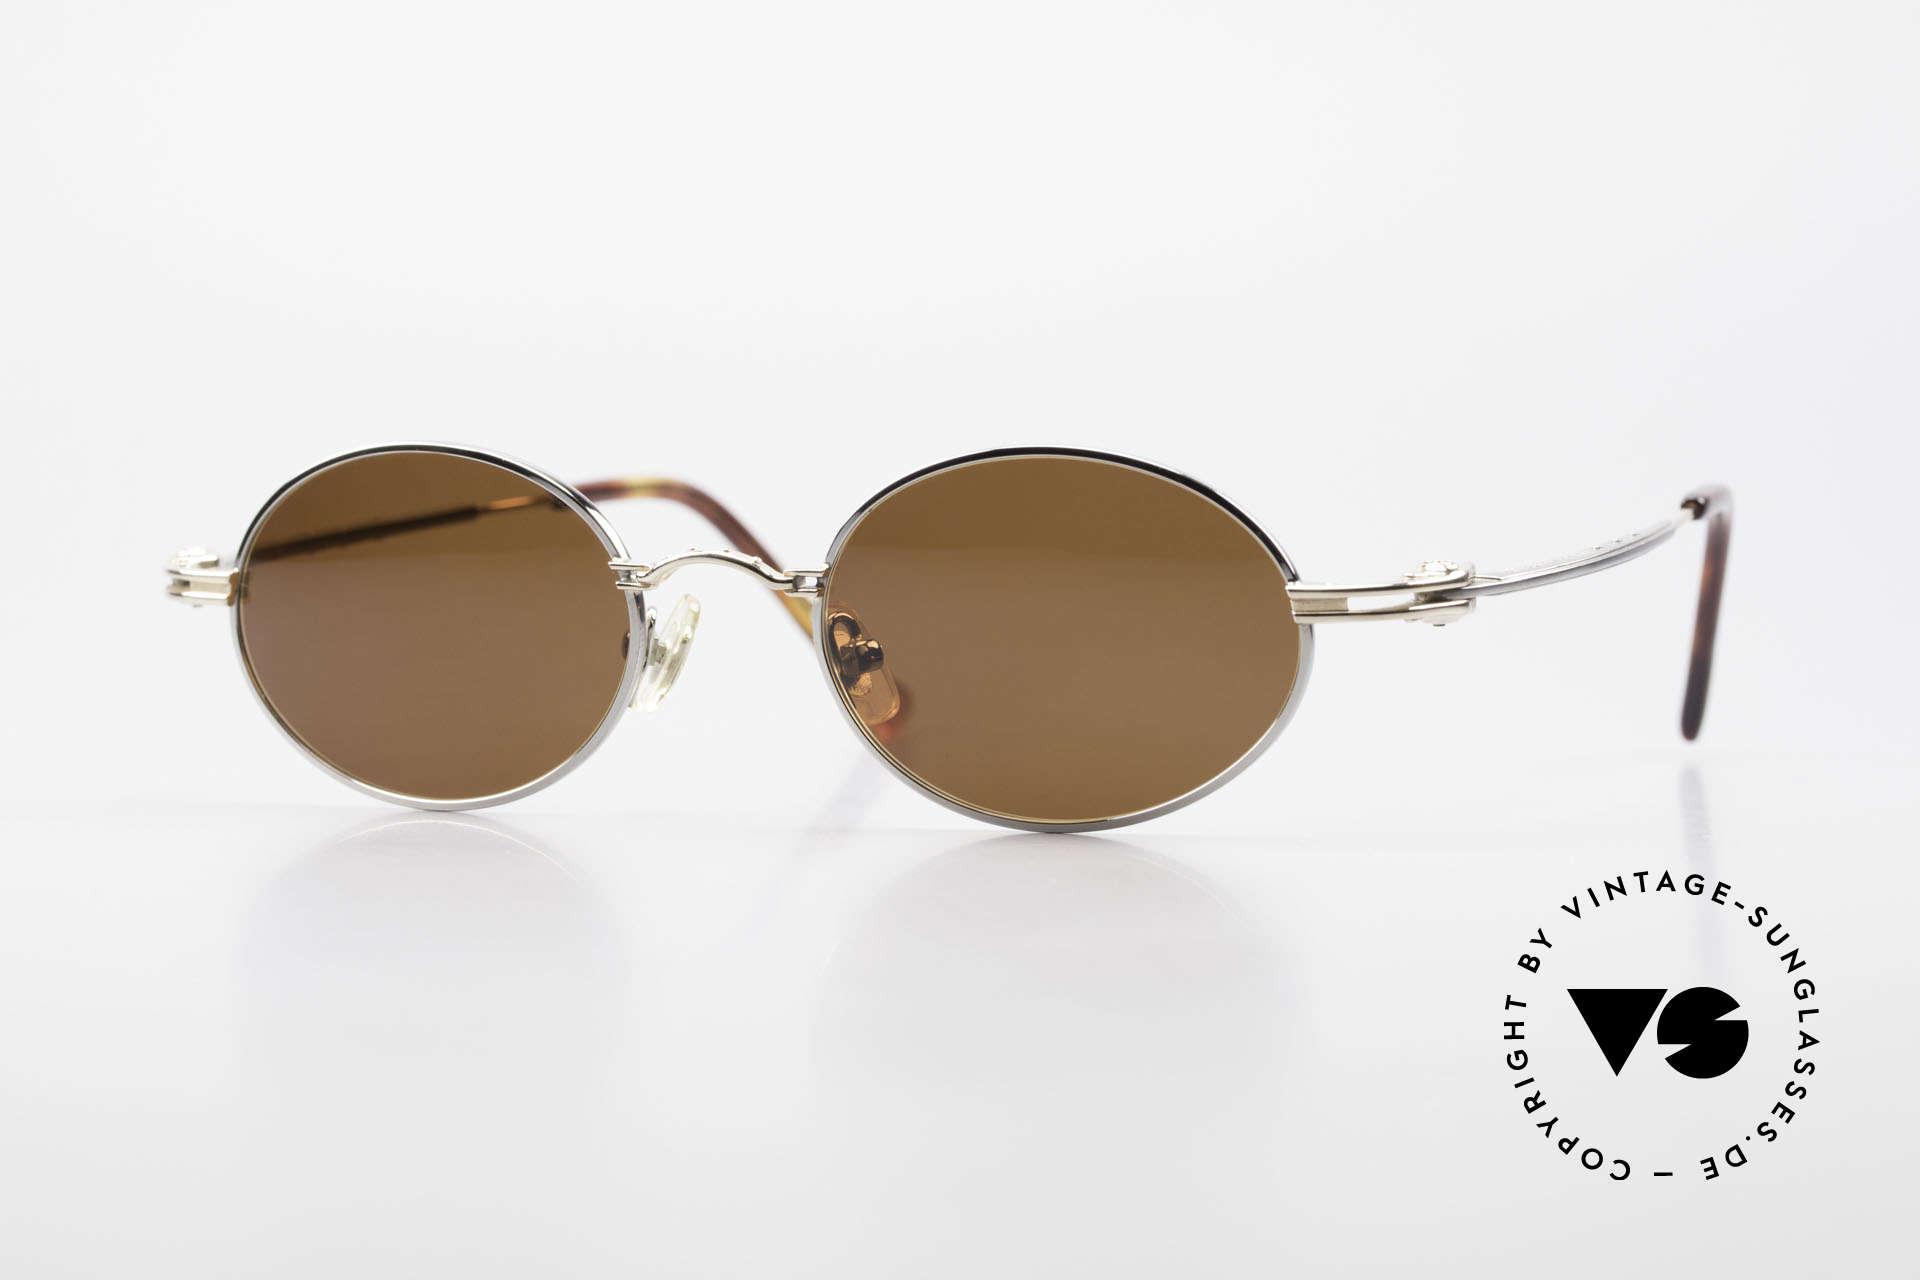 Aston Martin AM43 90er Brille Ergonomisch Oval, ovale Aston Martin vintage Luxus-DesignerSonnenbrille, Passend für Herren